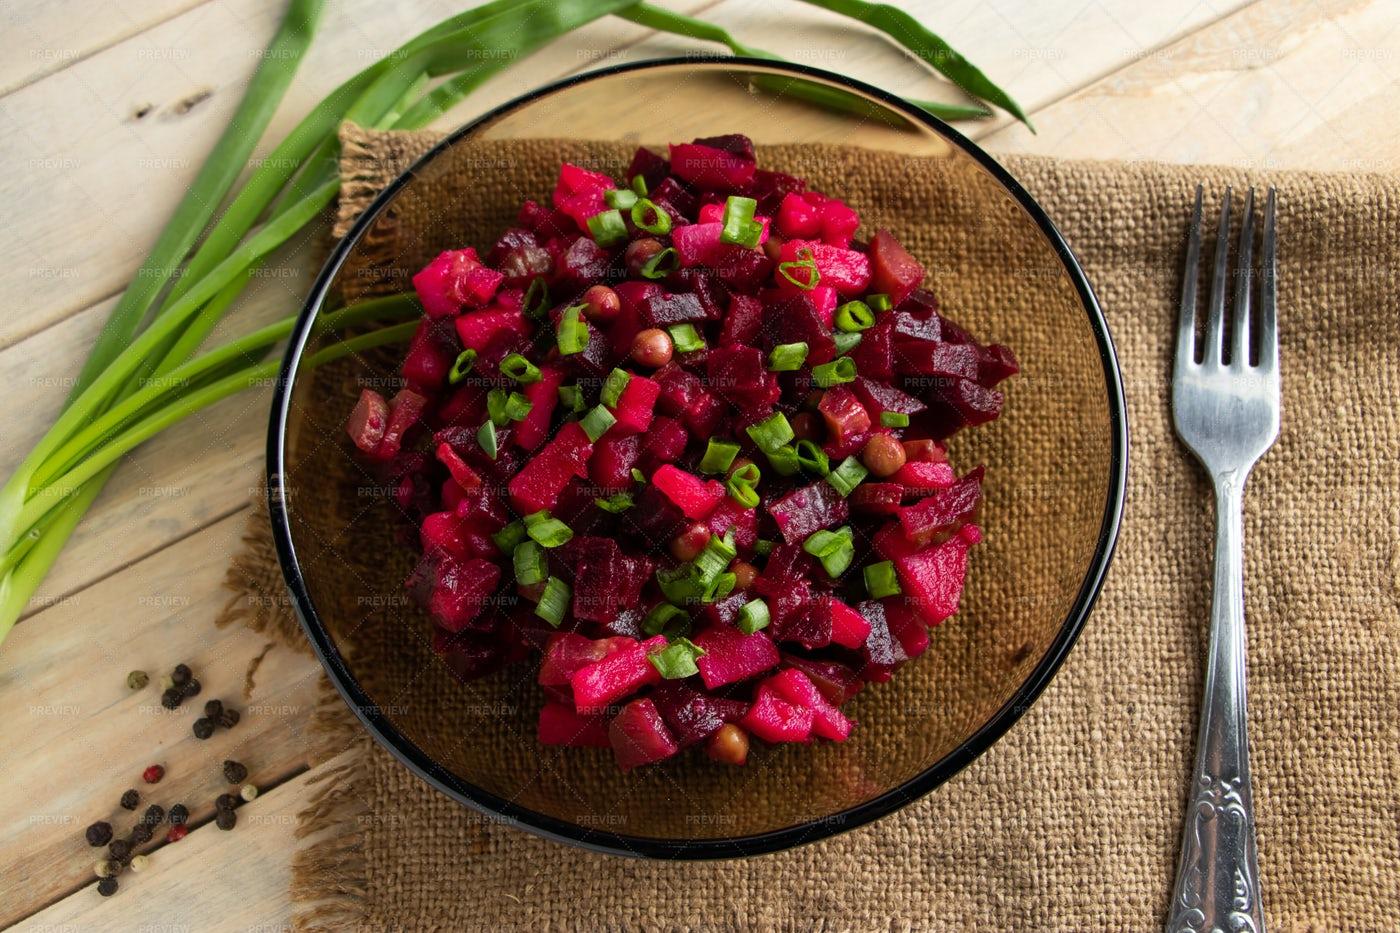 Vinaigrette For Dinner: Stock Photos